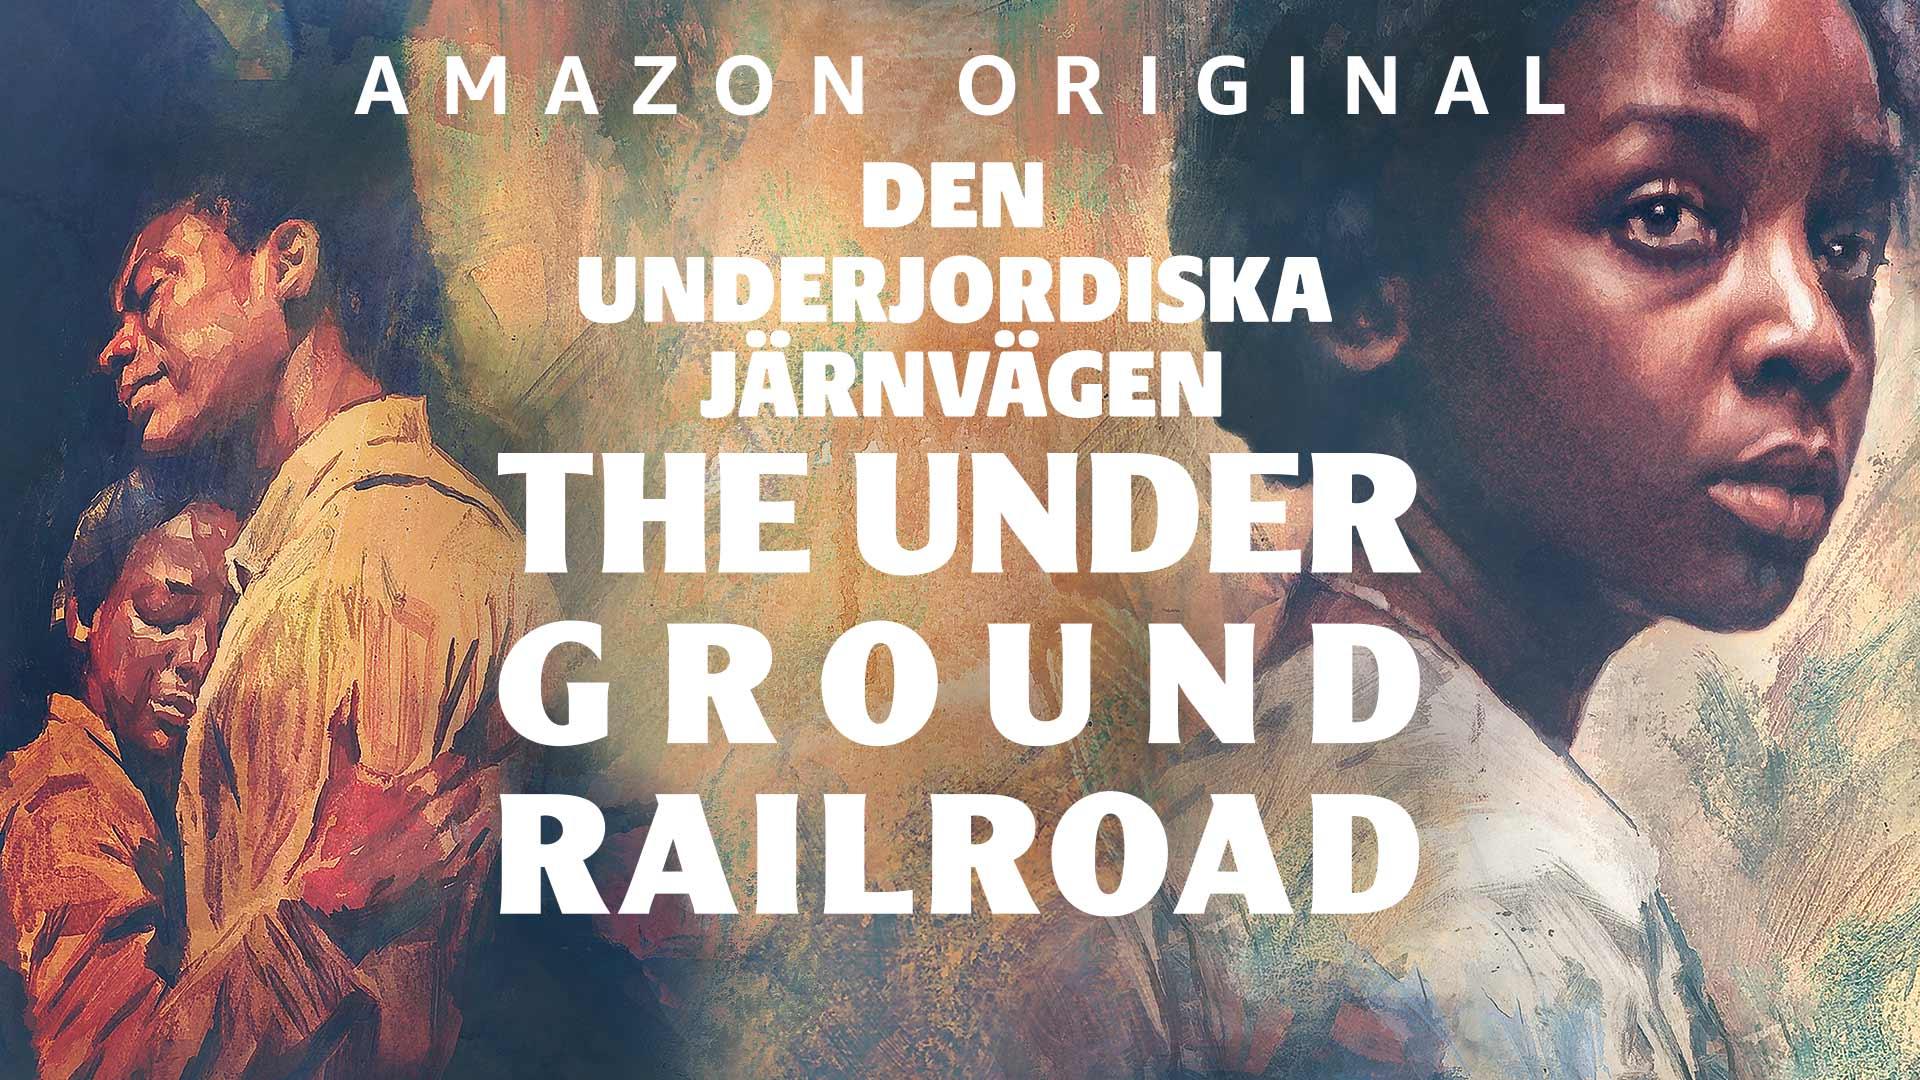 Den underjordiska järnvägen - Säsong 1